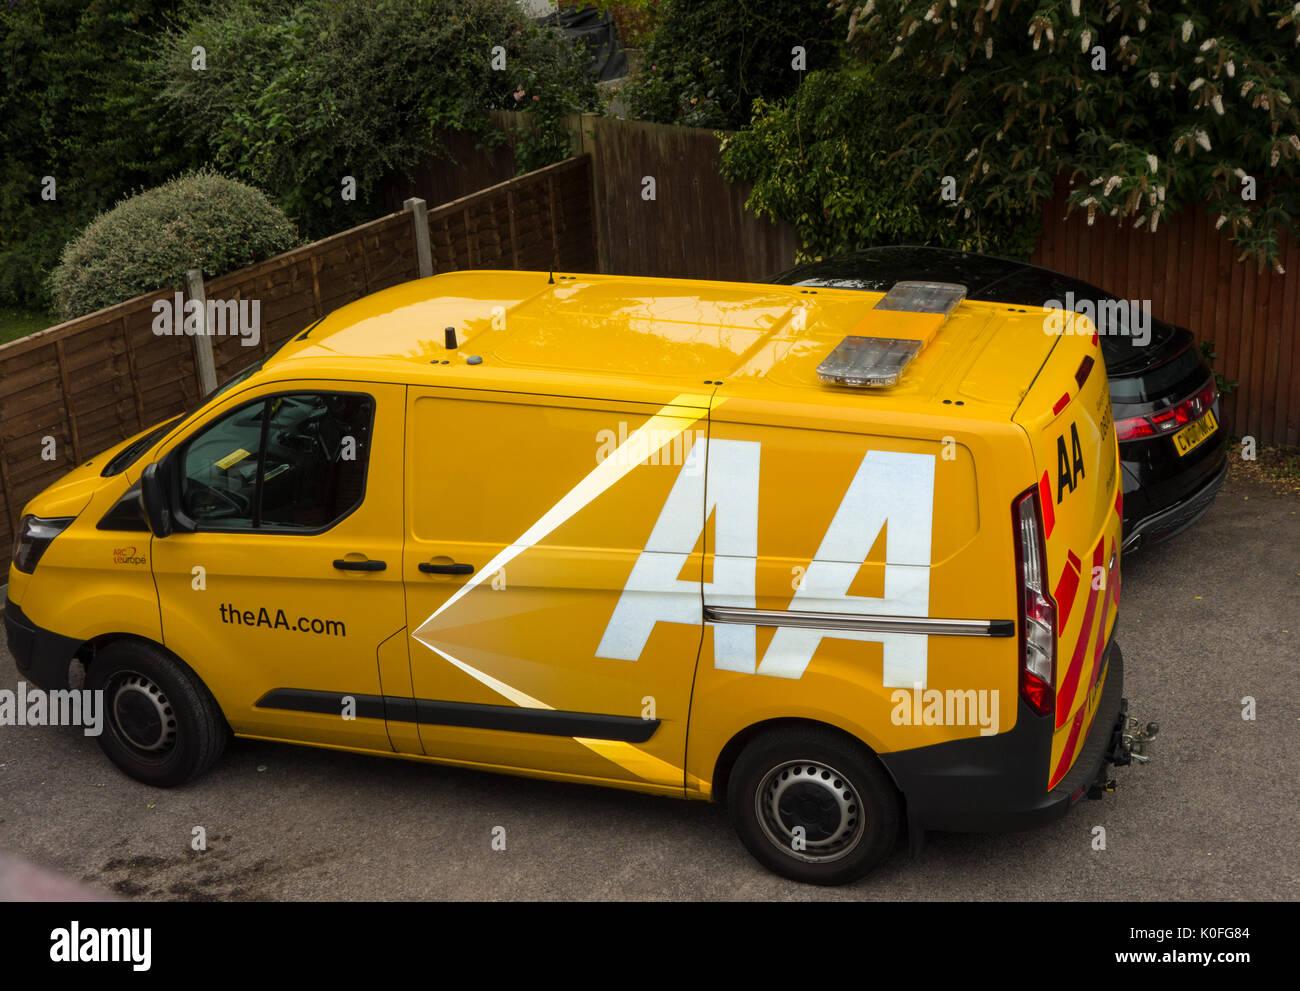 AA breakdown service van - Stock Image